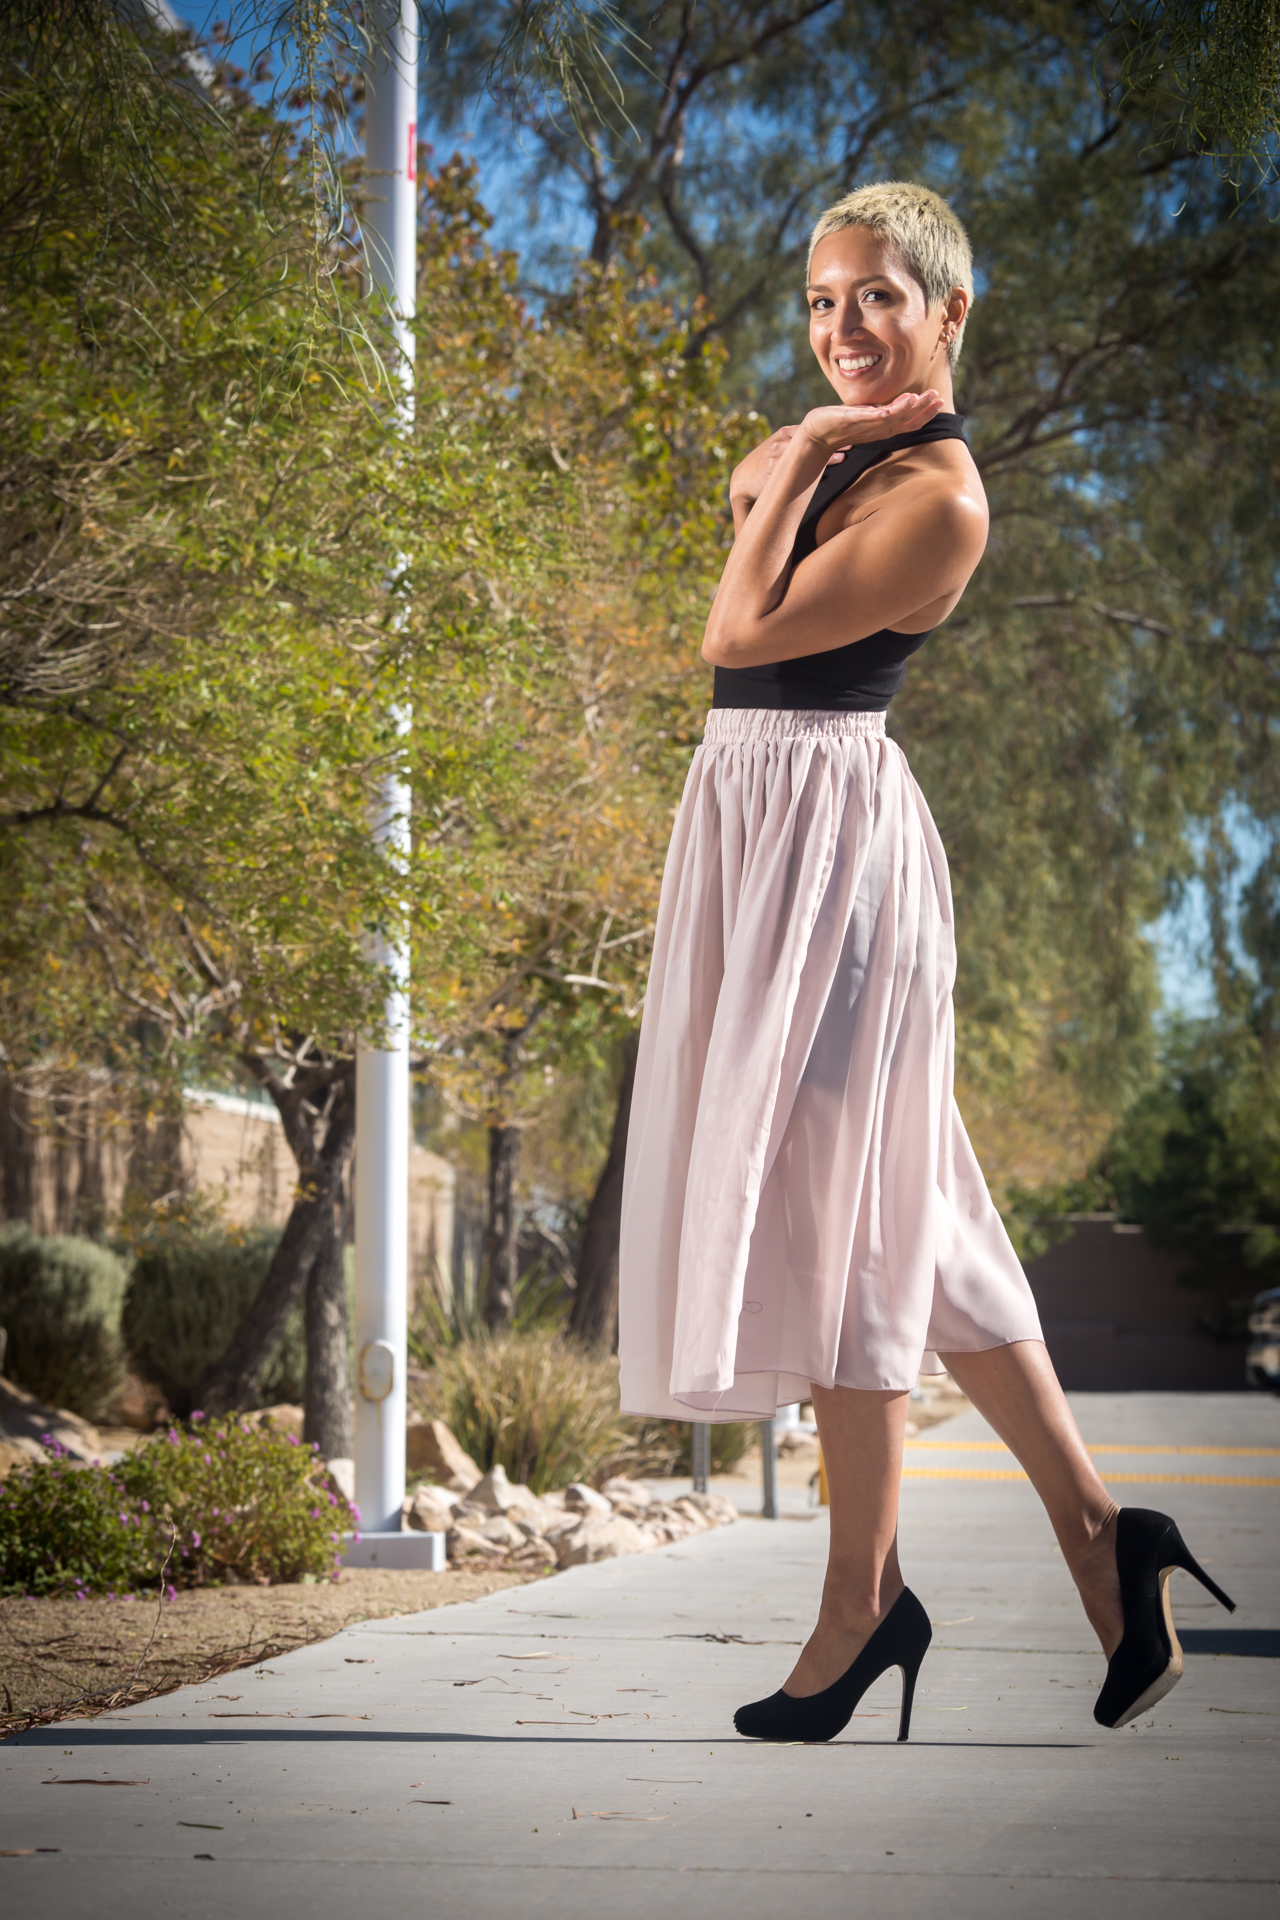 Las Vegas Senior Portrait Photographer